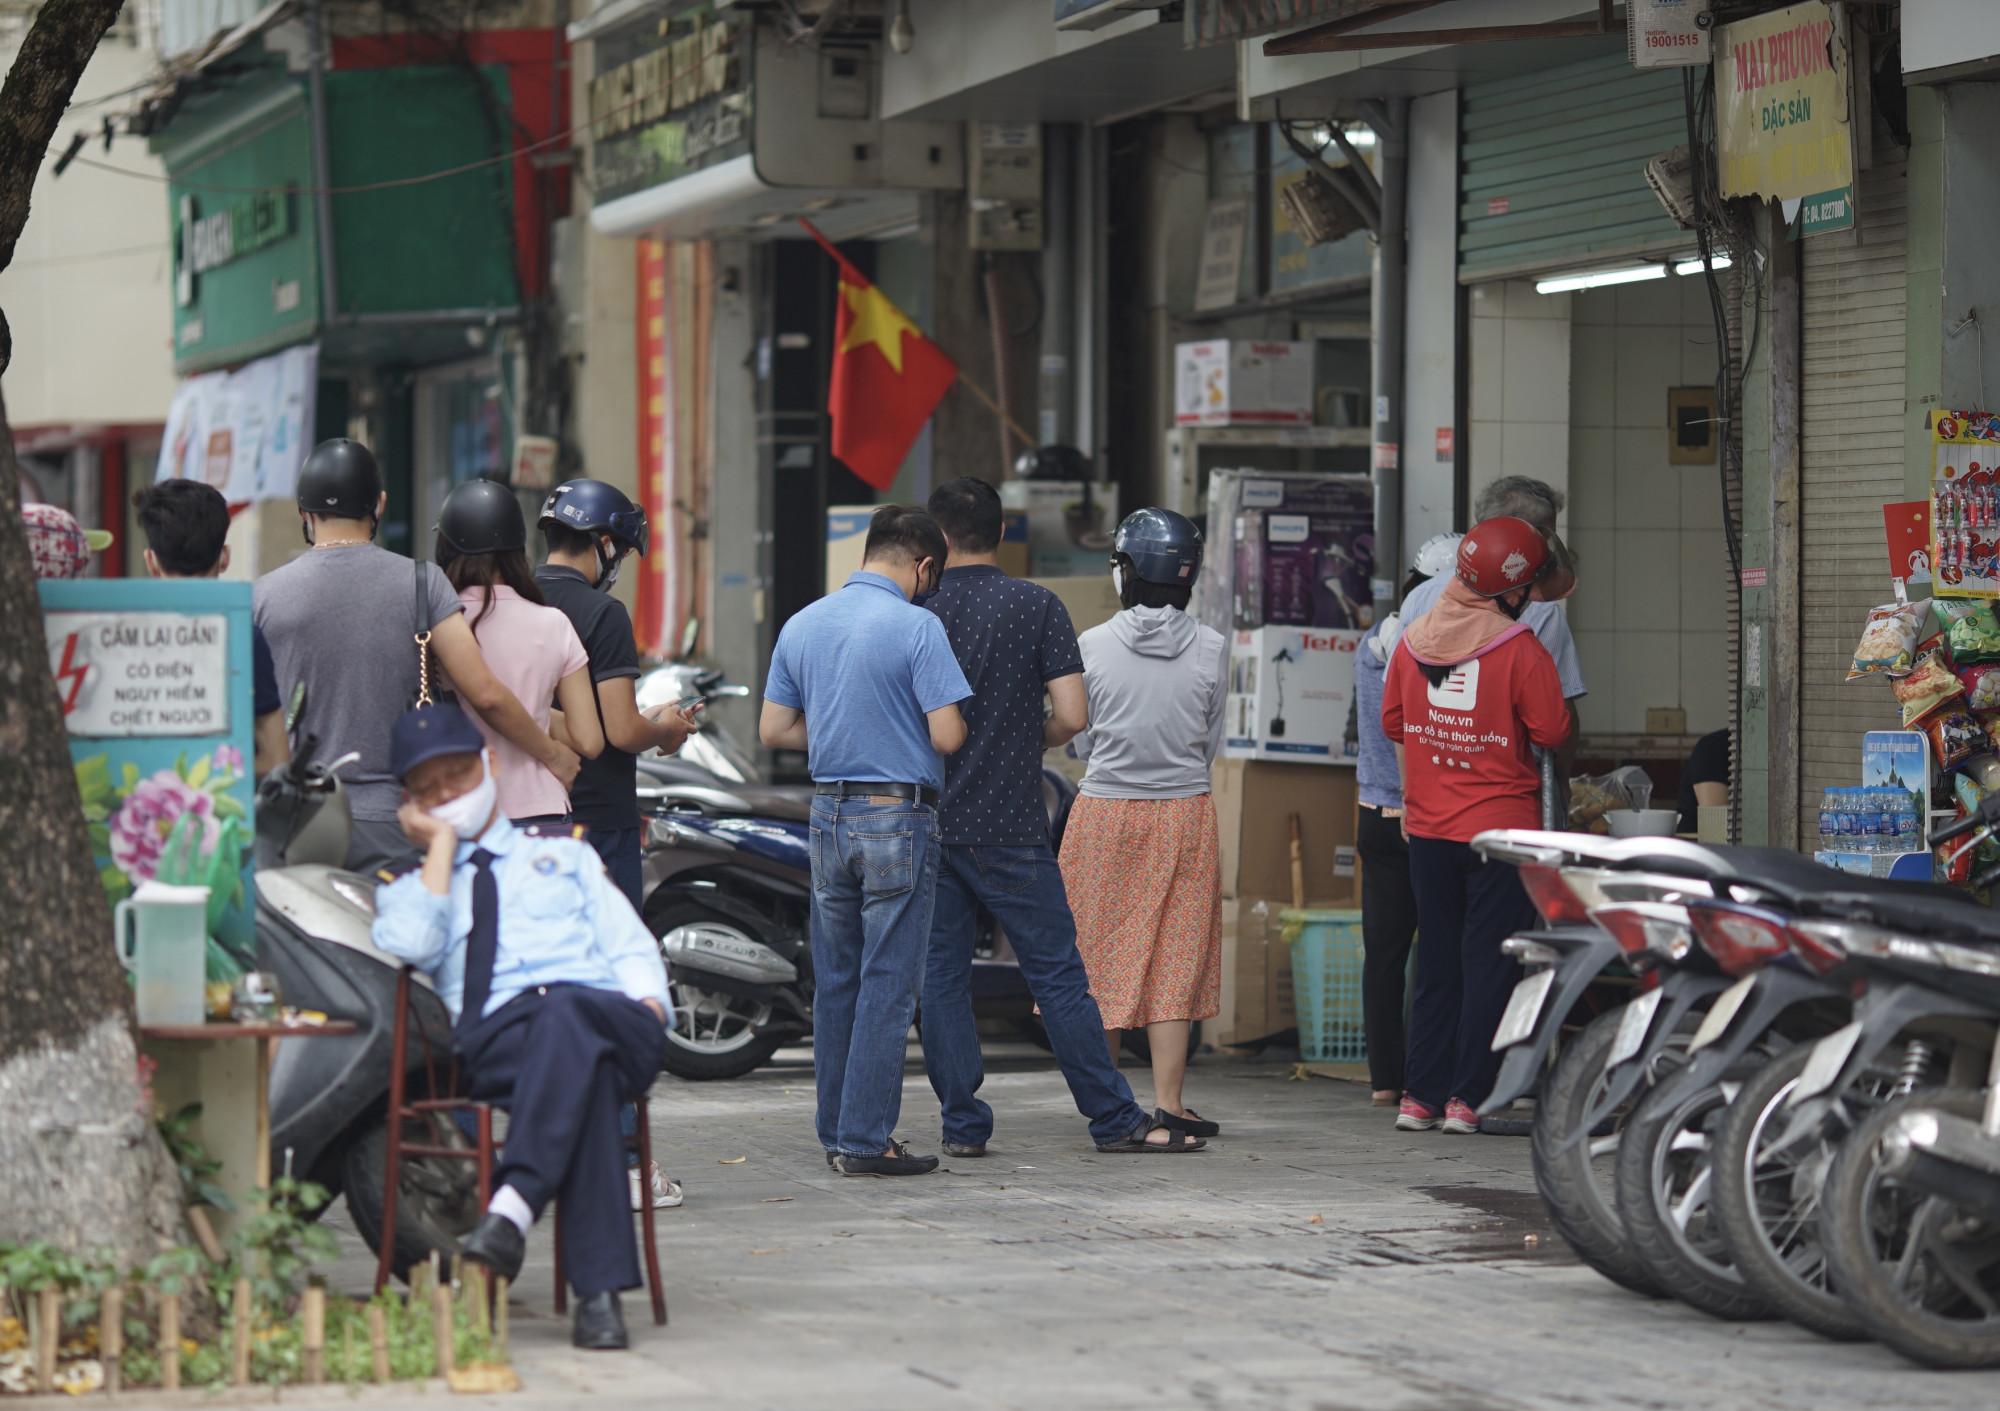 Trong khi hầu hết quán ăn vắng khách thì vẫn còn những quán bán đồ ăn nhanh như bánh mỳ, xôi lại nhiều người đến mua về.